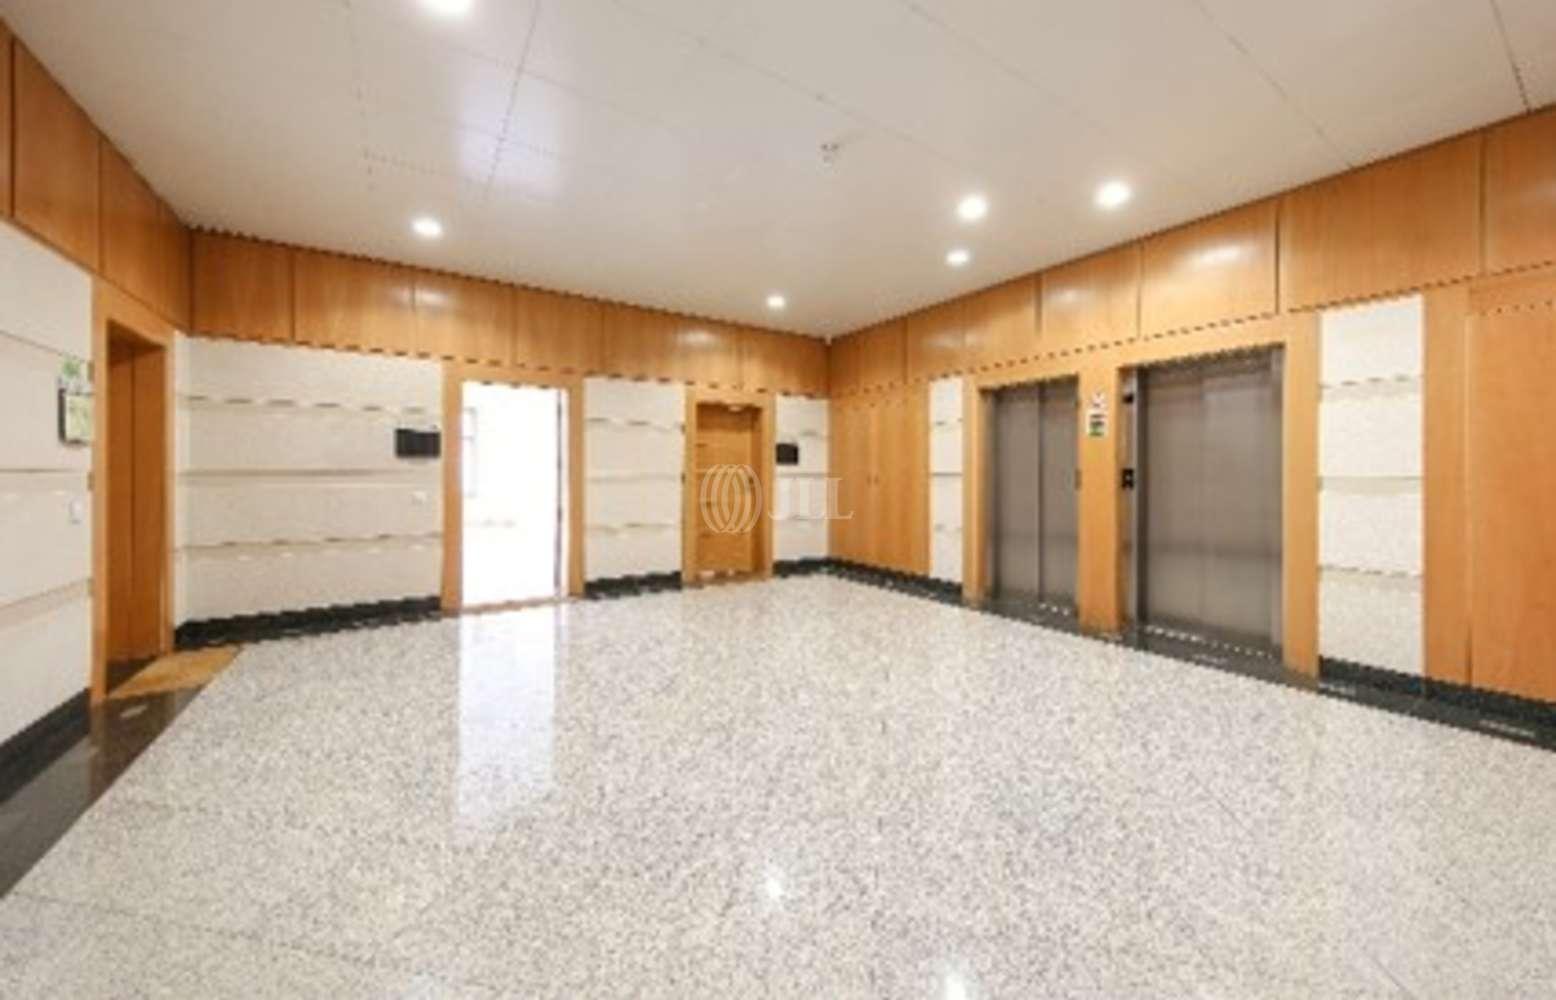 Escritórios Linho, 2710-693 - Beloura Office Park - Ed 13